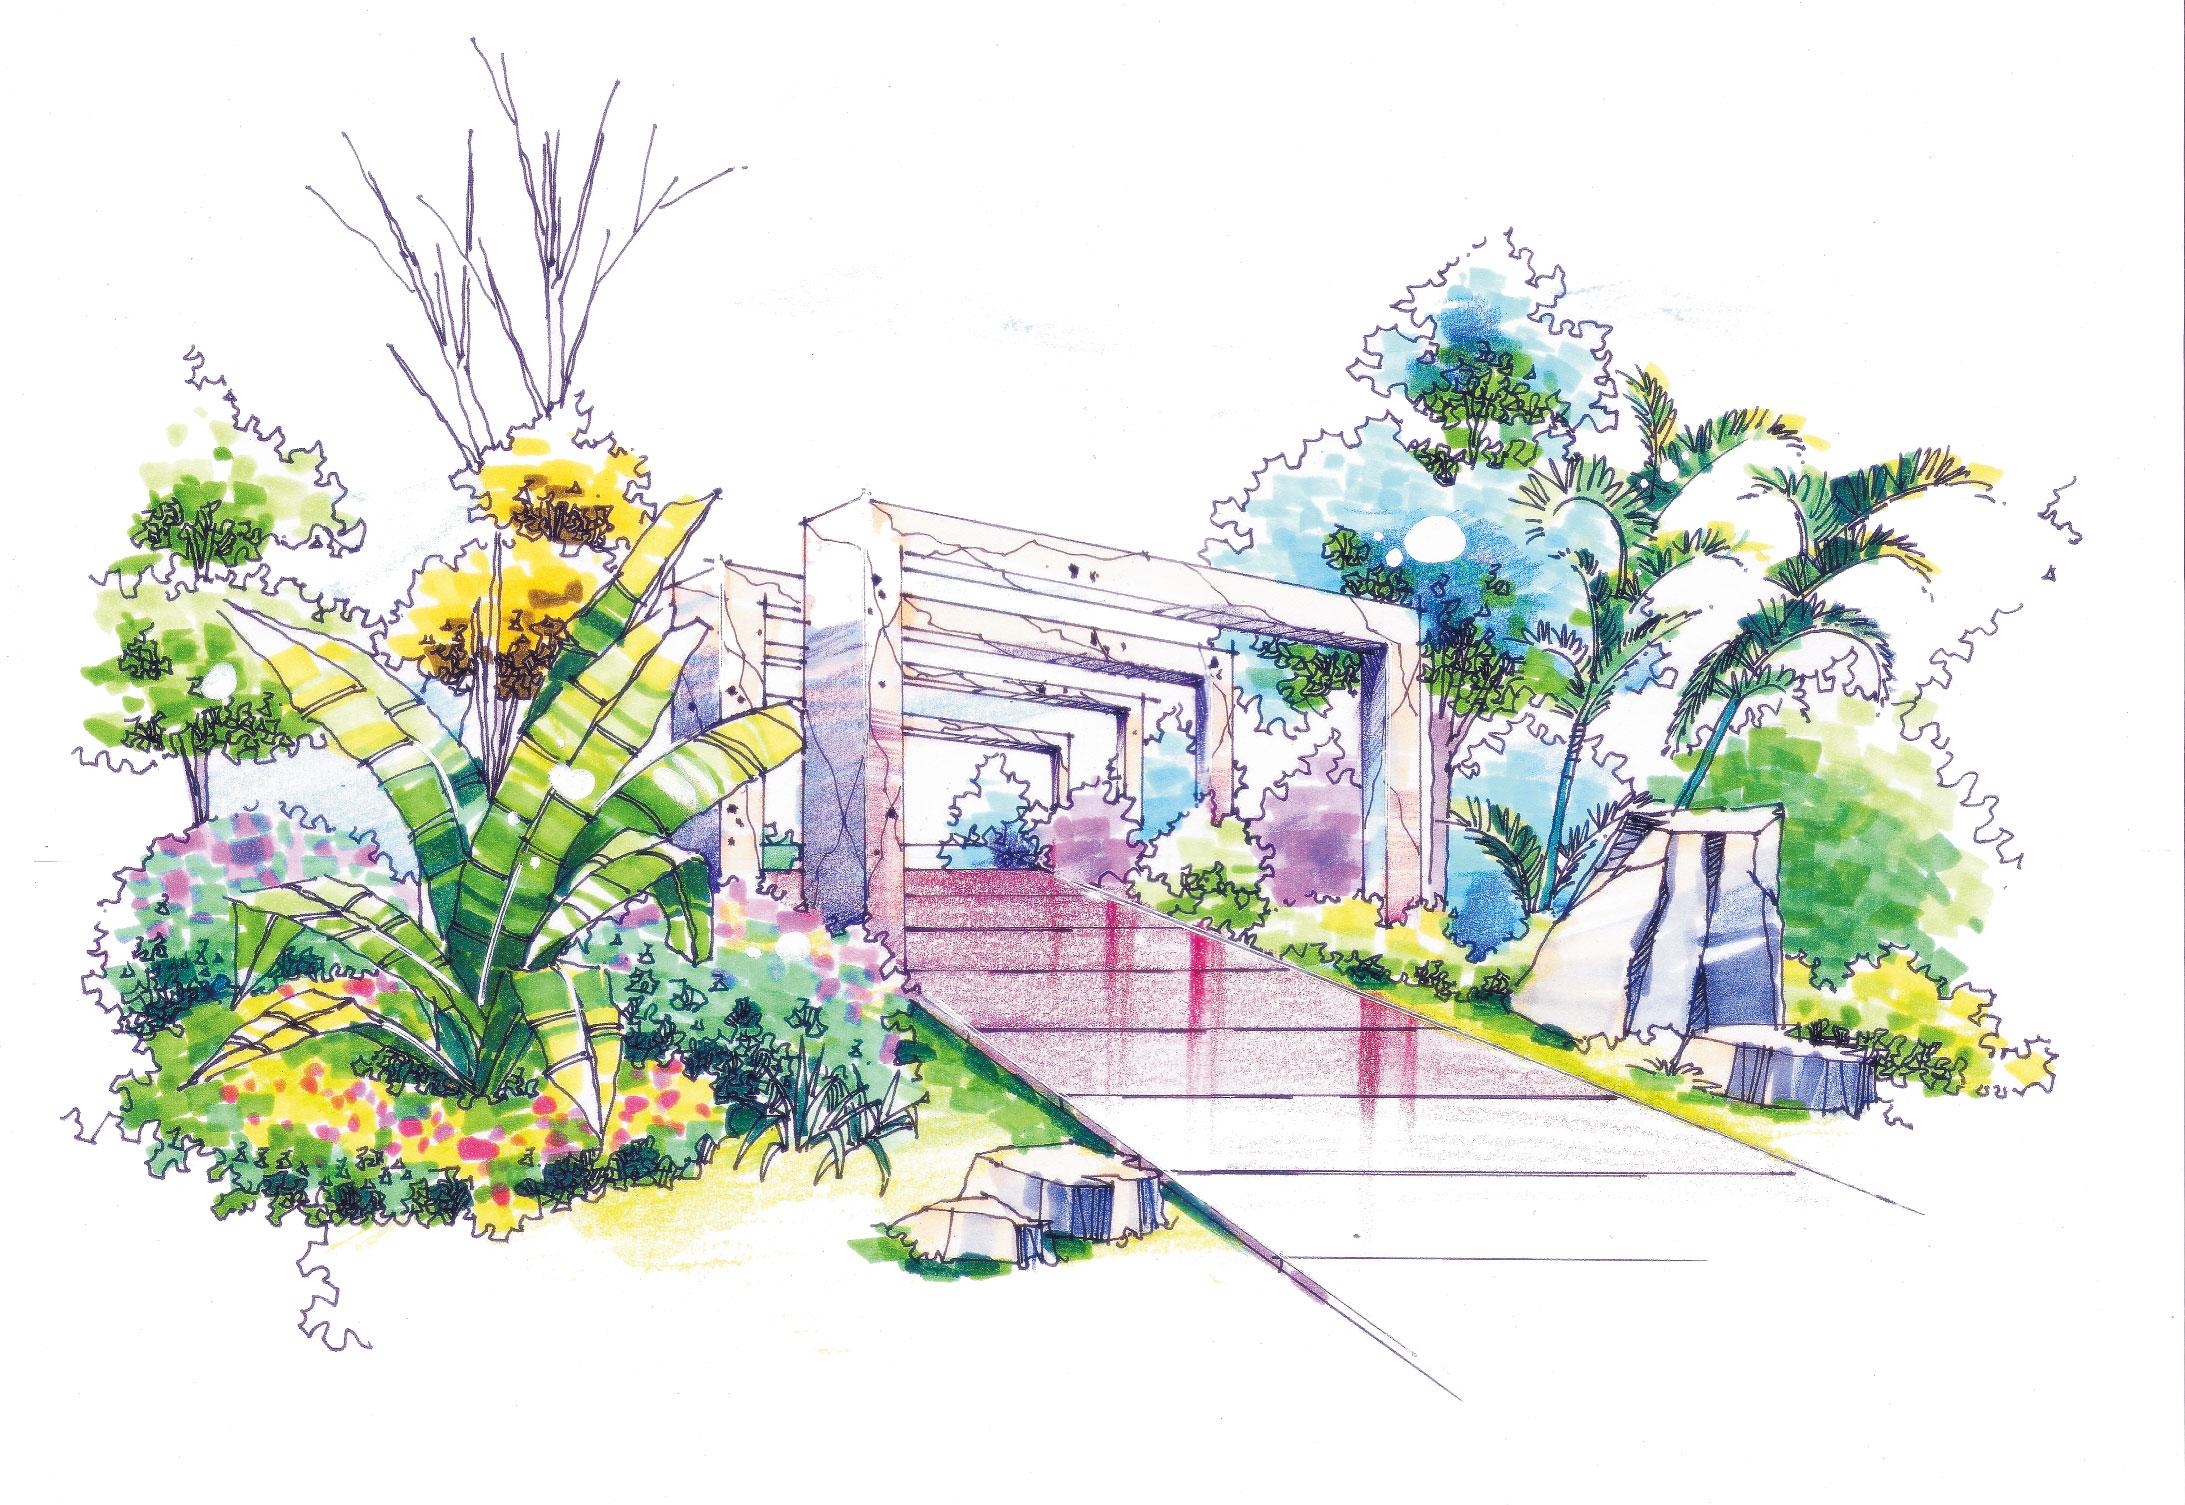 景观设计手绘-城市景观设计公司/园林手绘图铅笔/售楼处景观设计平面图片